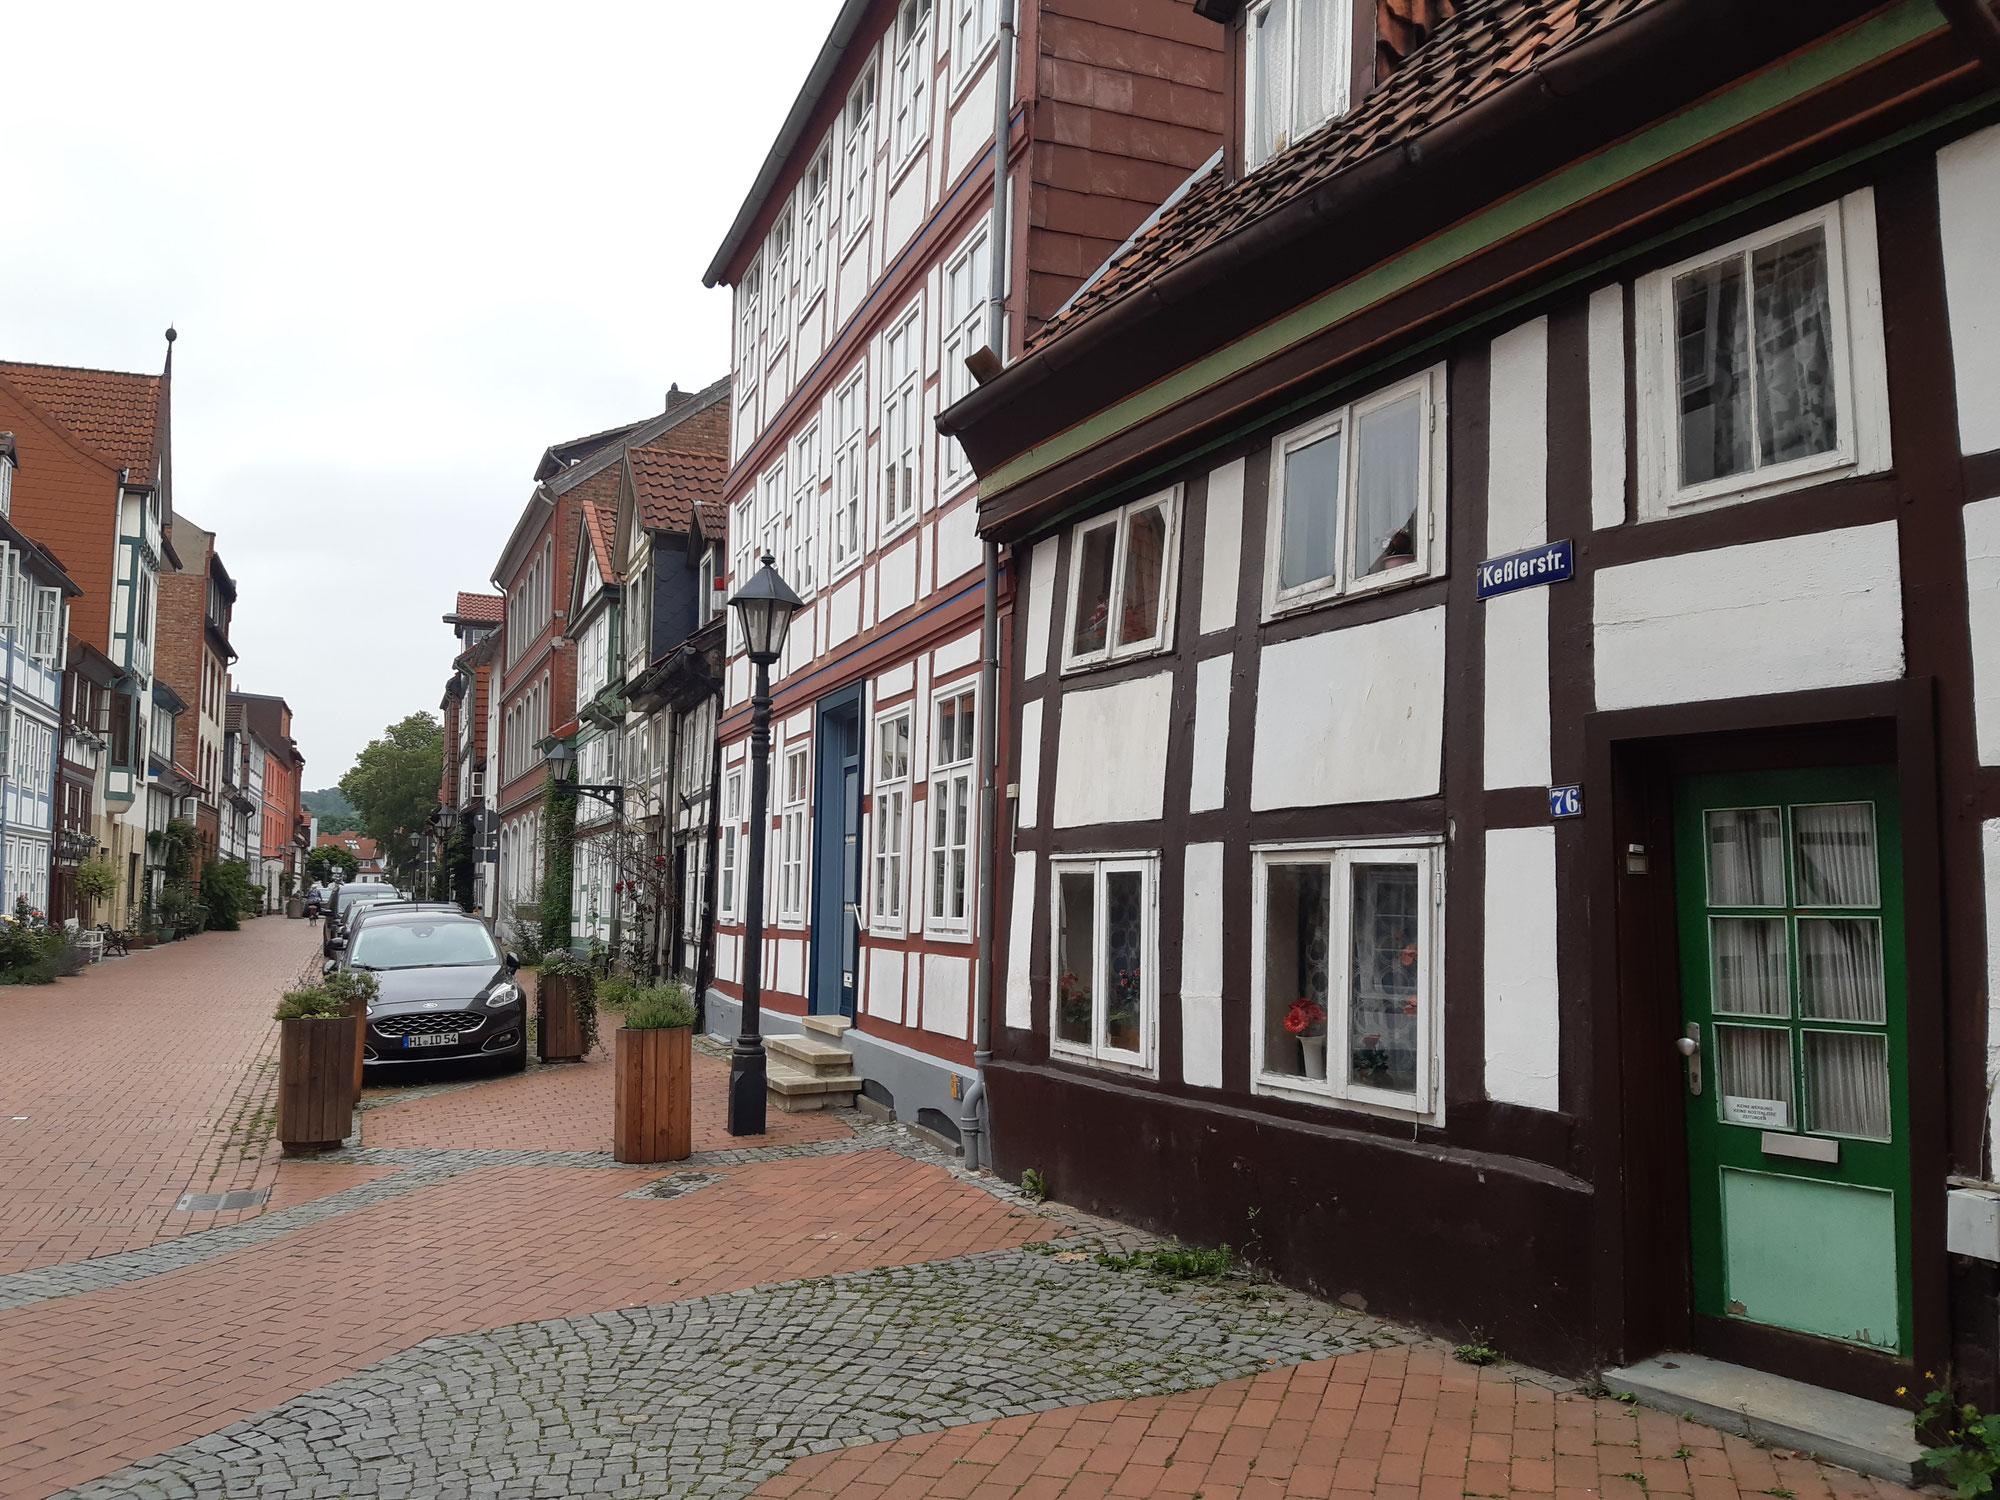 Stippvisite in Hildesheim